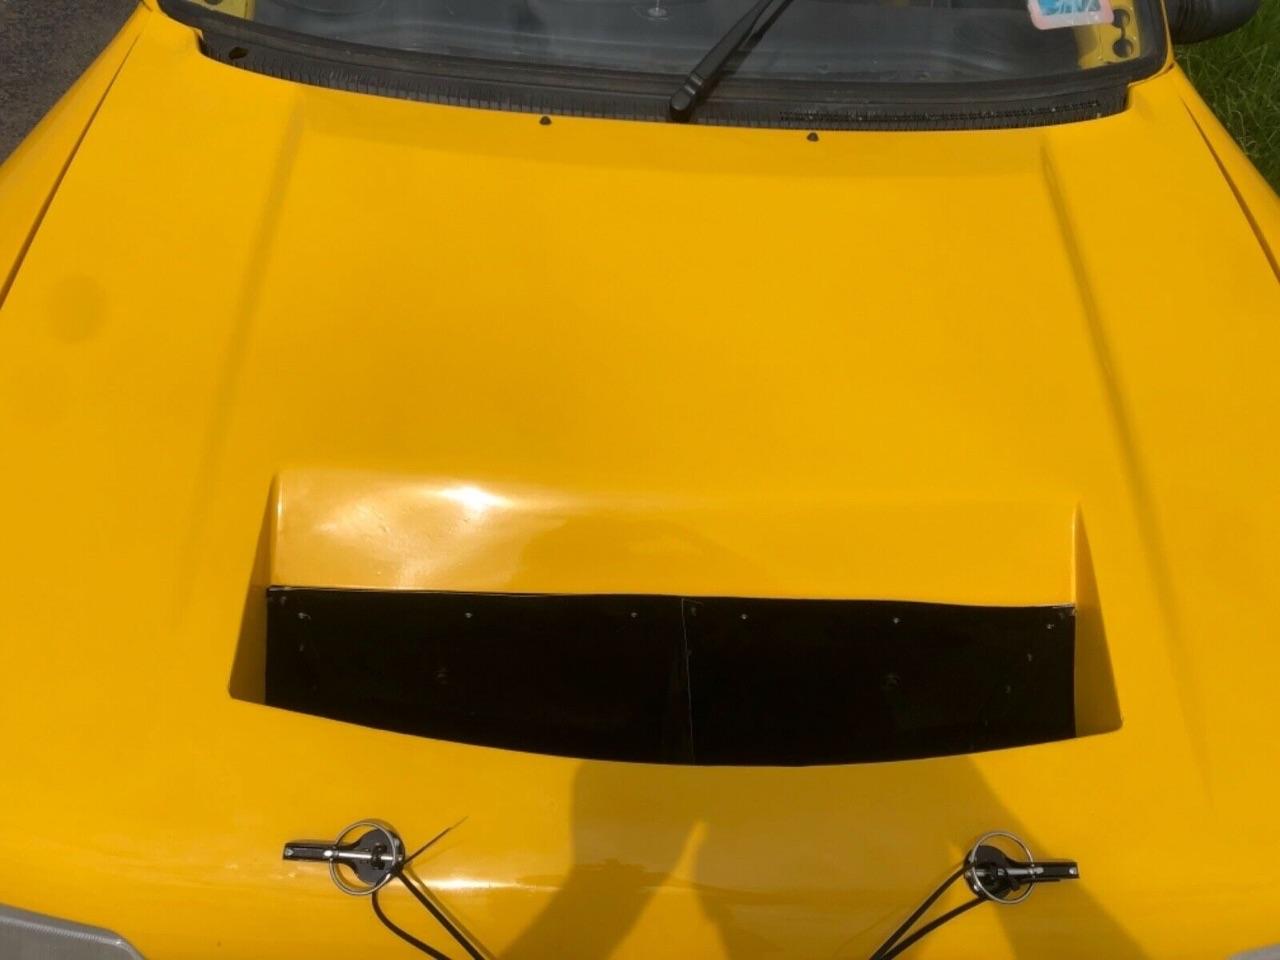 Quand tu transformes ton Porsche Boxster 2,7 en Peugeot 205 T16 ! 8